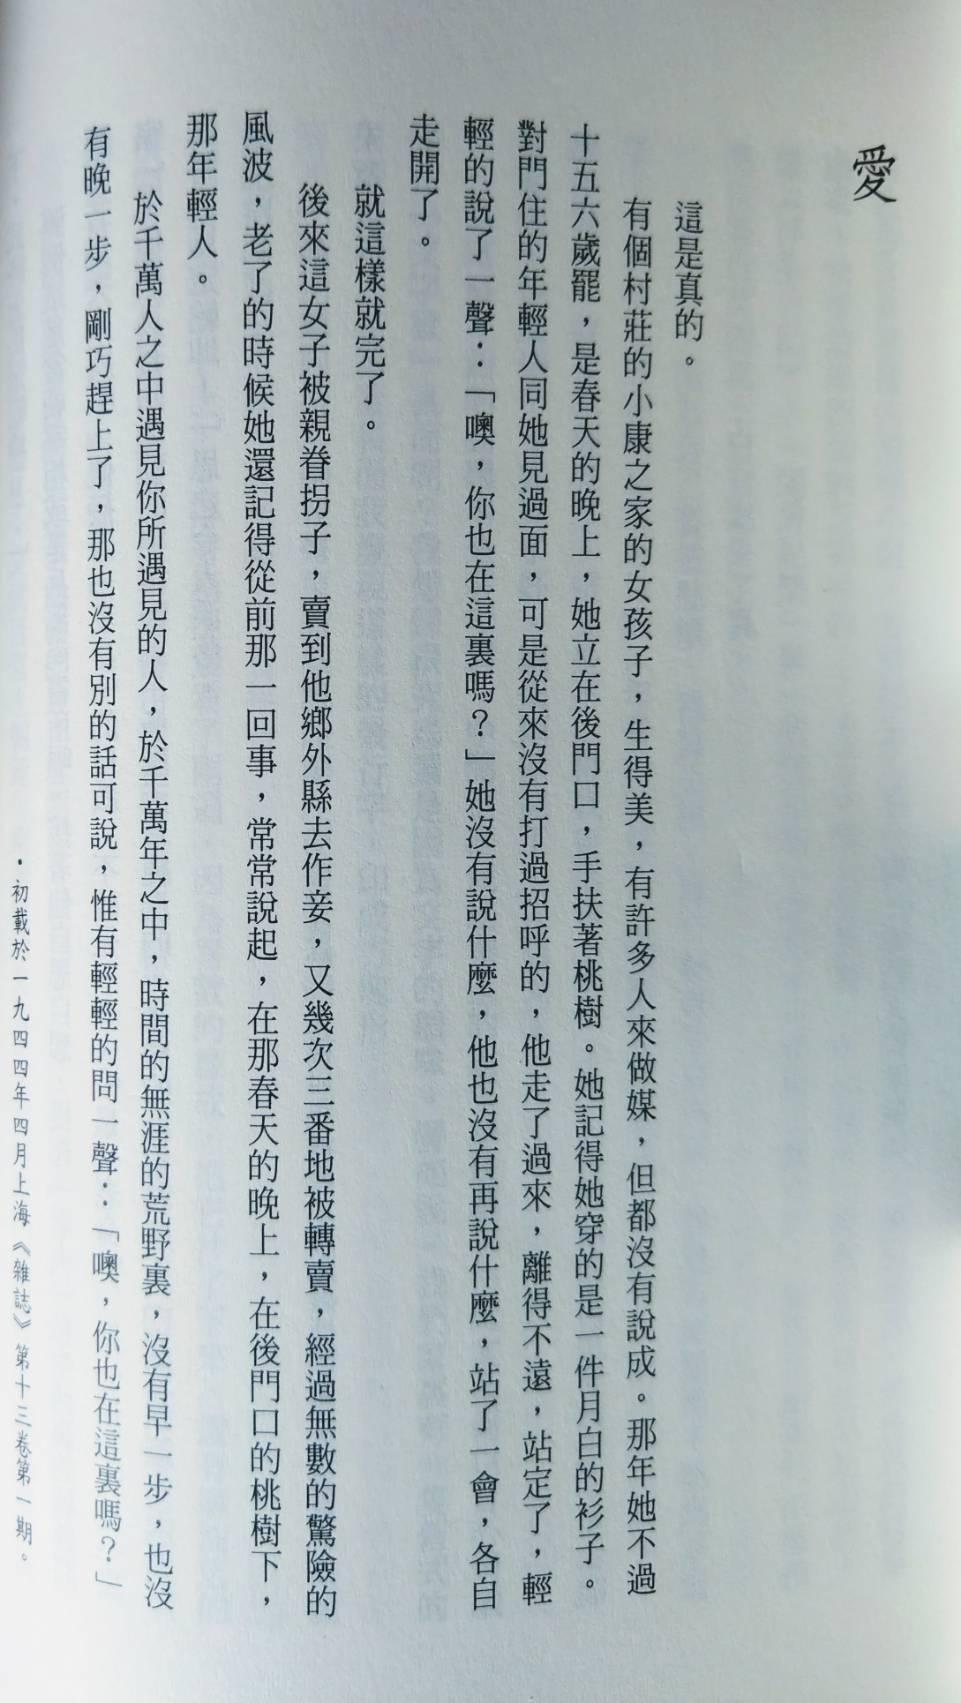 國文課本選錄張愛玲的「愛」,名句「噢,你也在這裡」,曾被劉若英傳唱。記者張錦弘/...